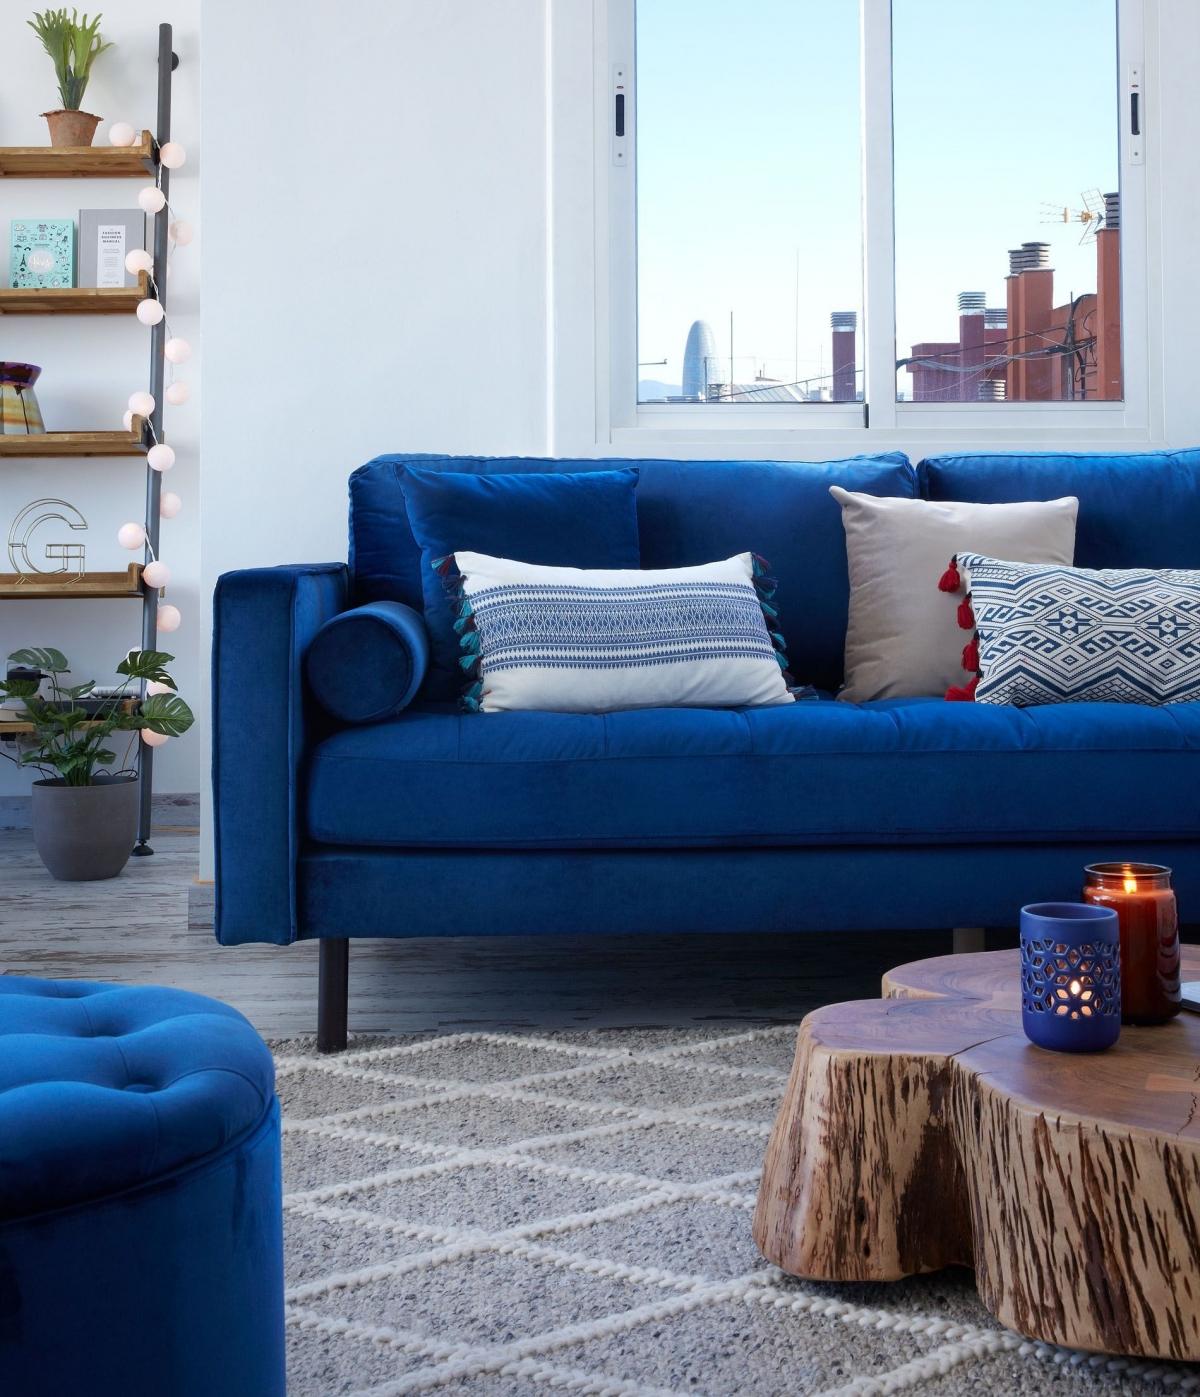 Энергичный и смелый дизайн гостиной для дома или офиса